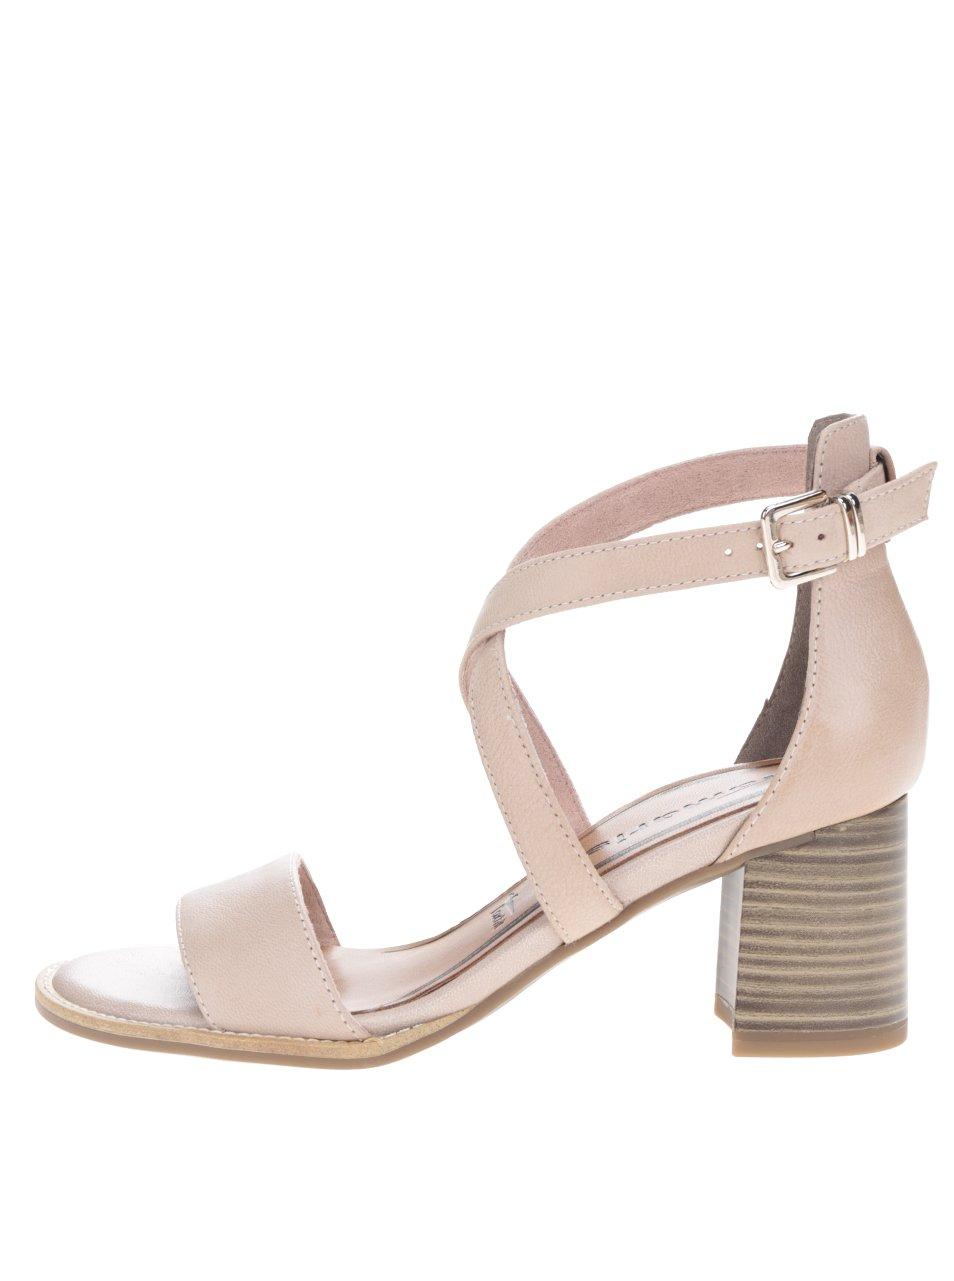 Béžové kožené sandálky s překříženými pásky na podpatku Tamaris ŽENY   Boty    sandály 0ab16ea102